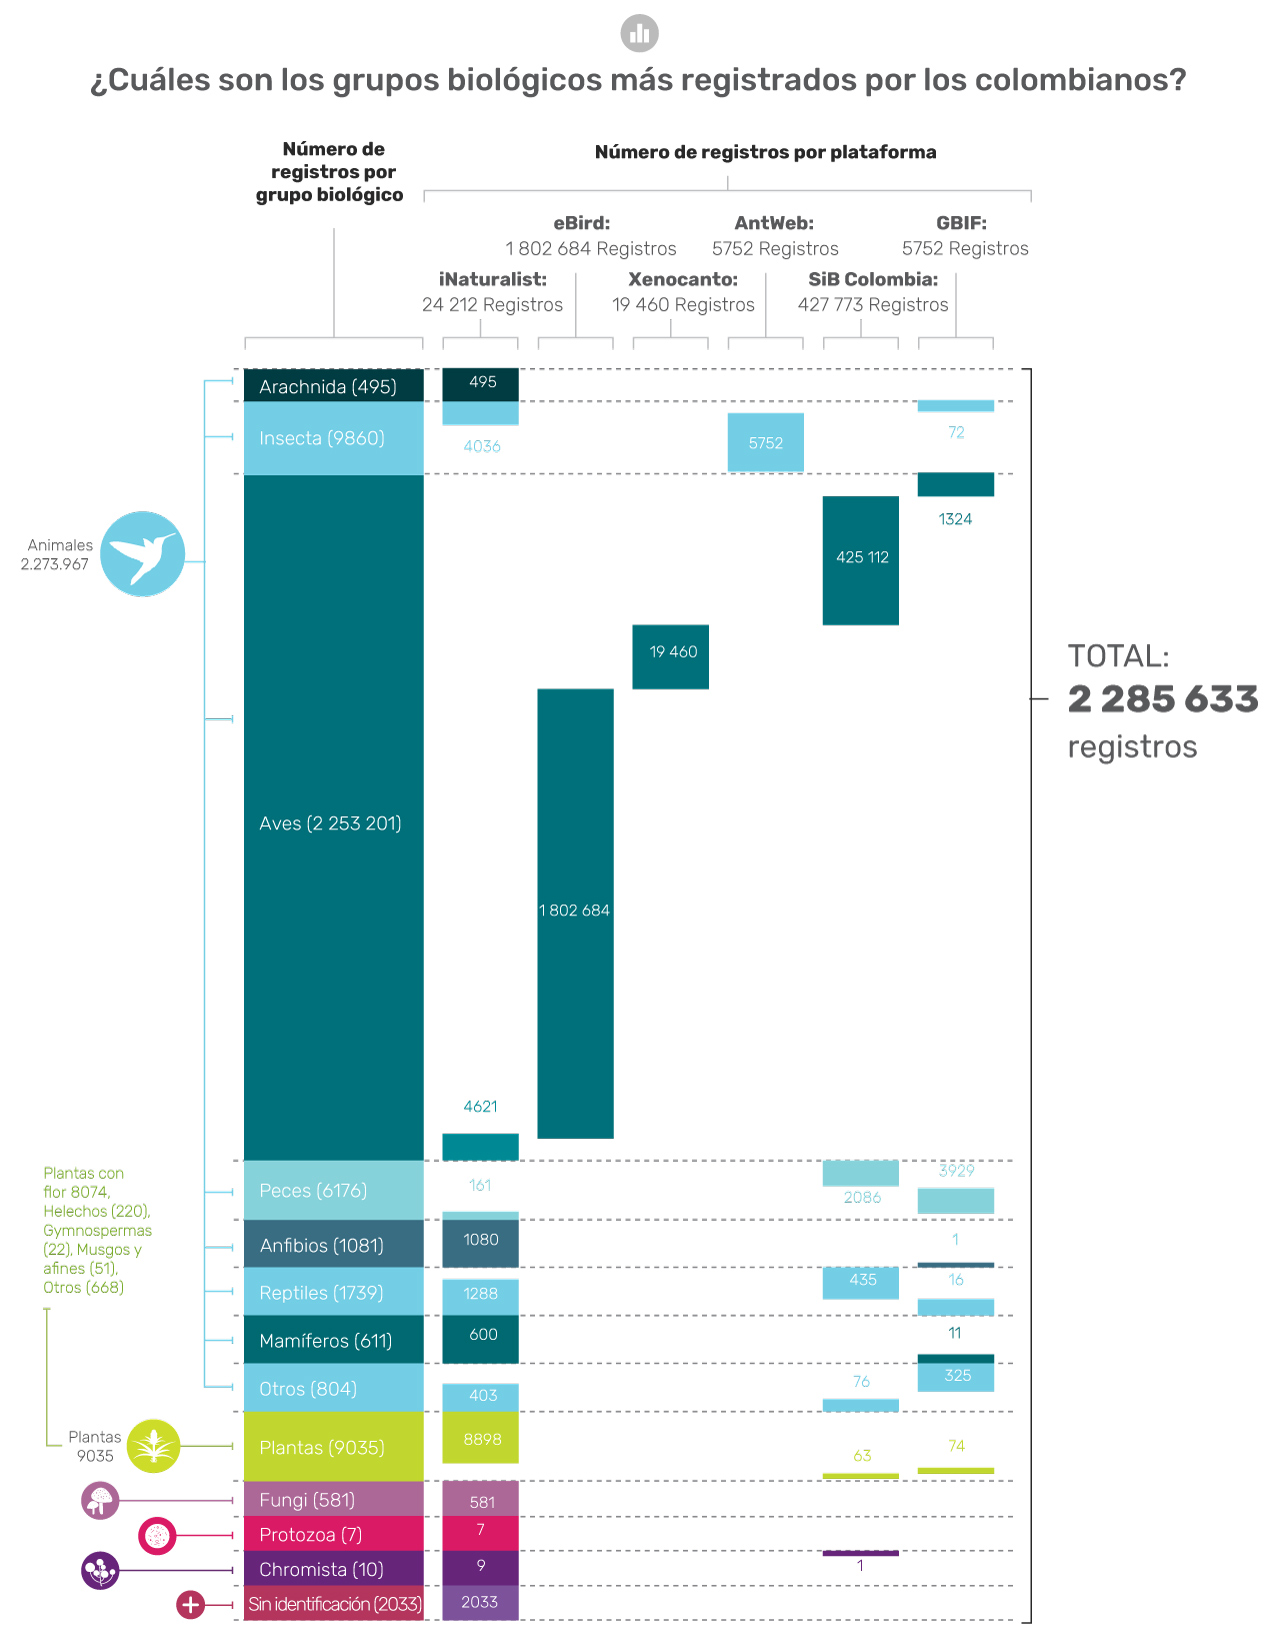 ¿Cuáles son los grupos biológicos más registrados por los colombianos?